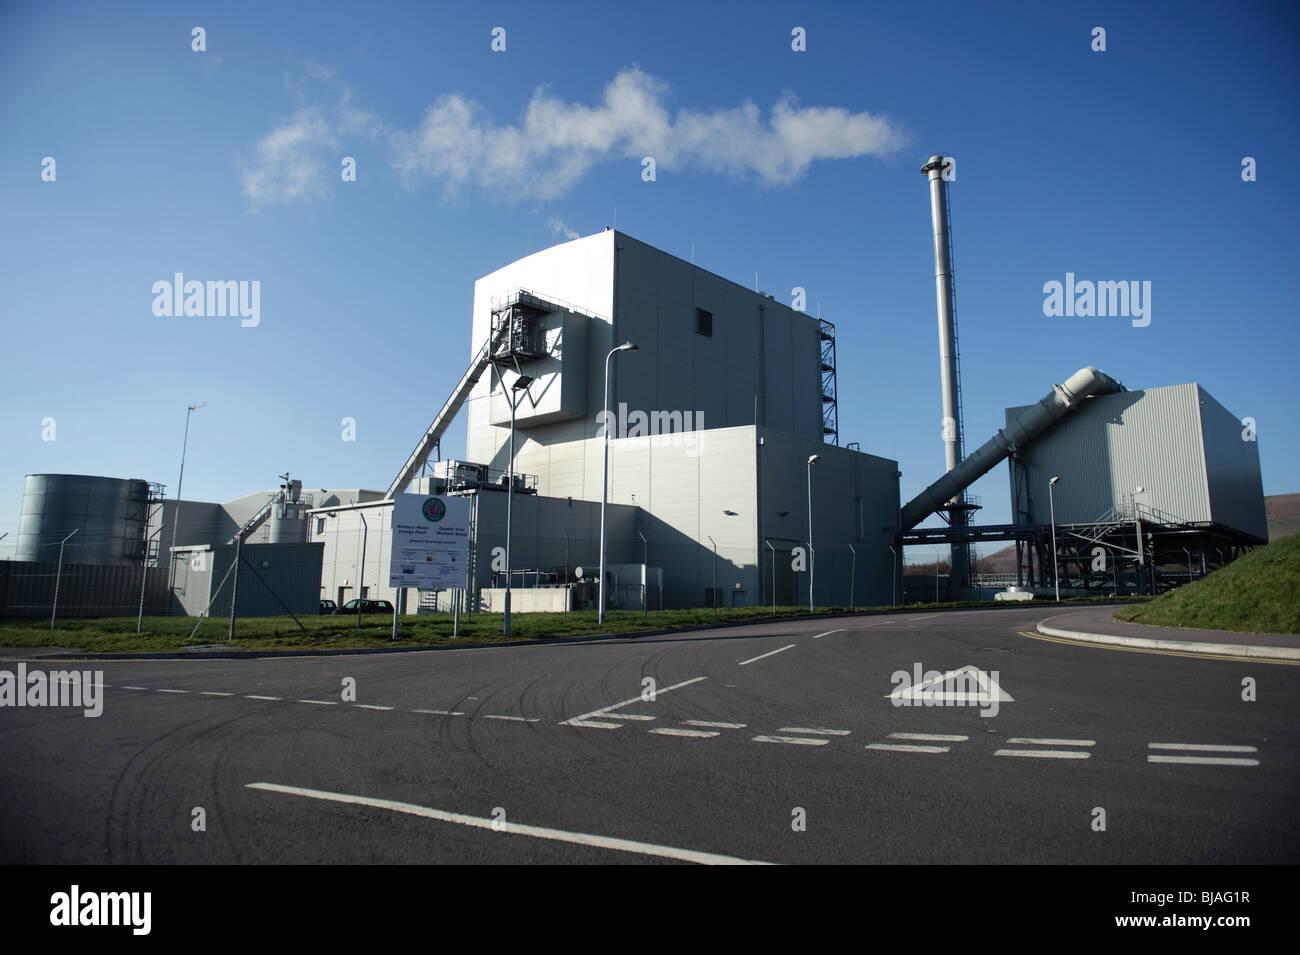 La planta de energía de biomasa de madera occidental, Margam , South Wales UK Imagen De Stock